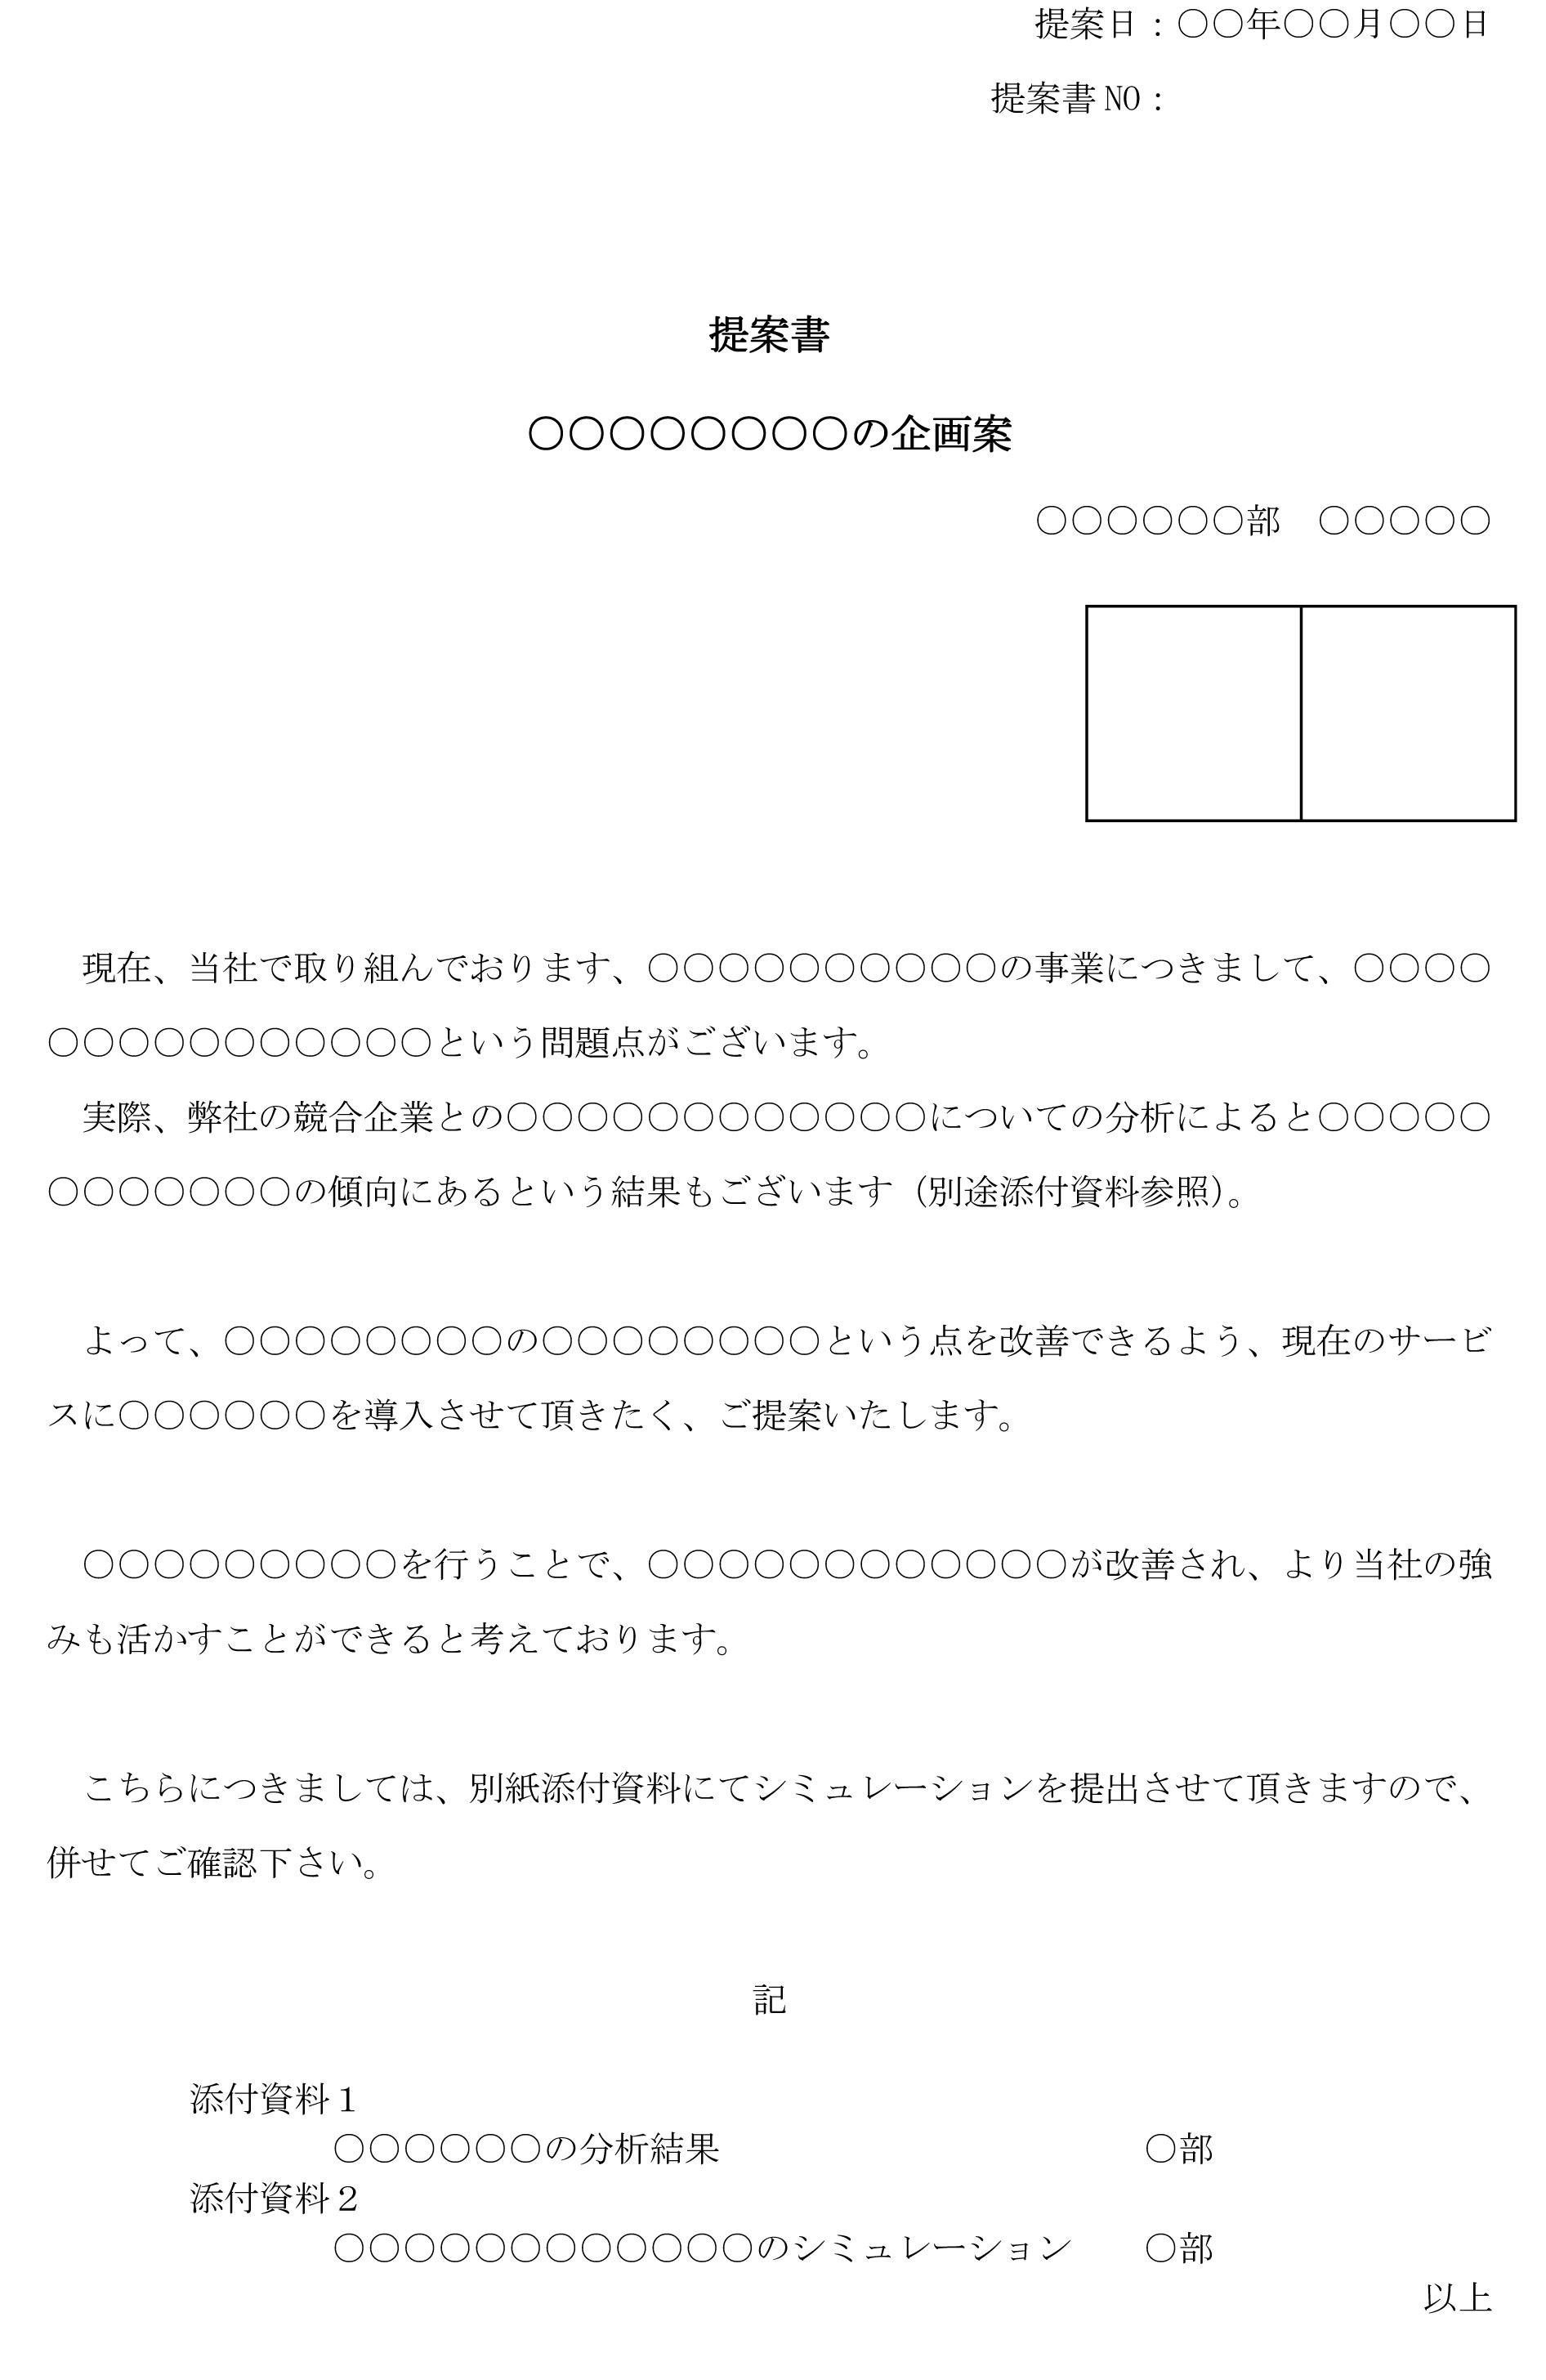 提案書(社内改善案)02